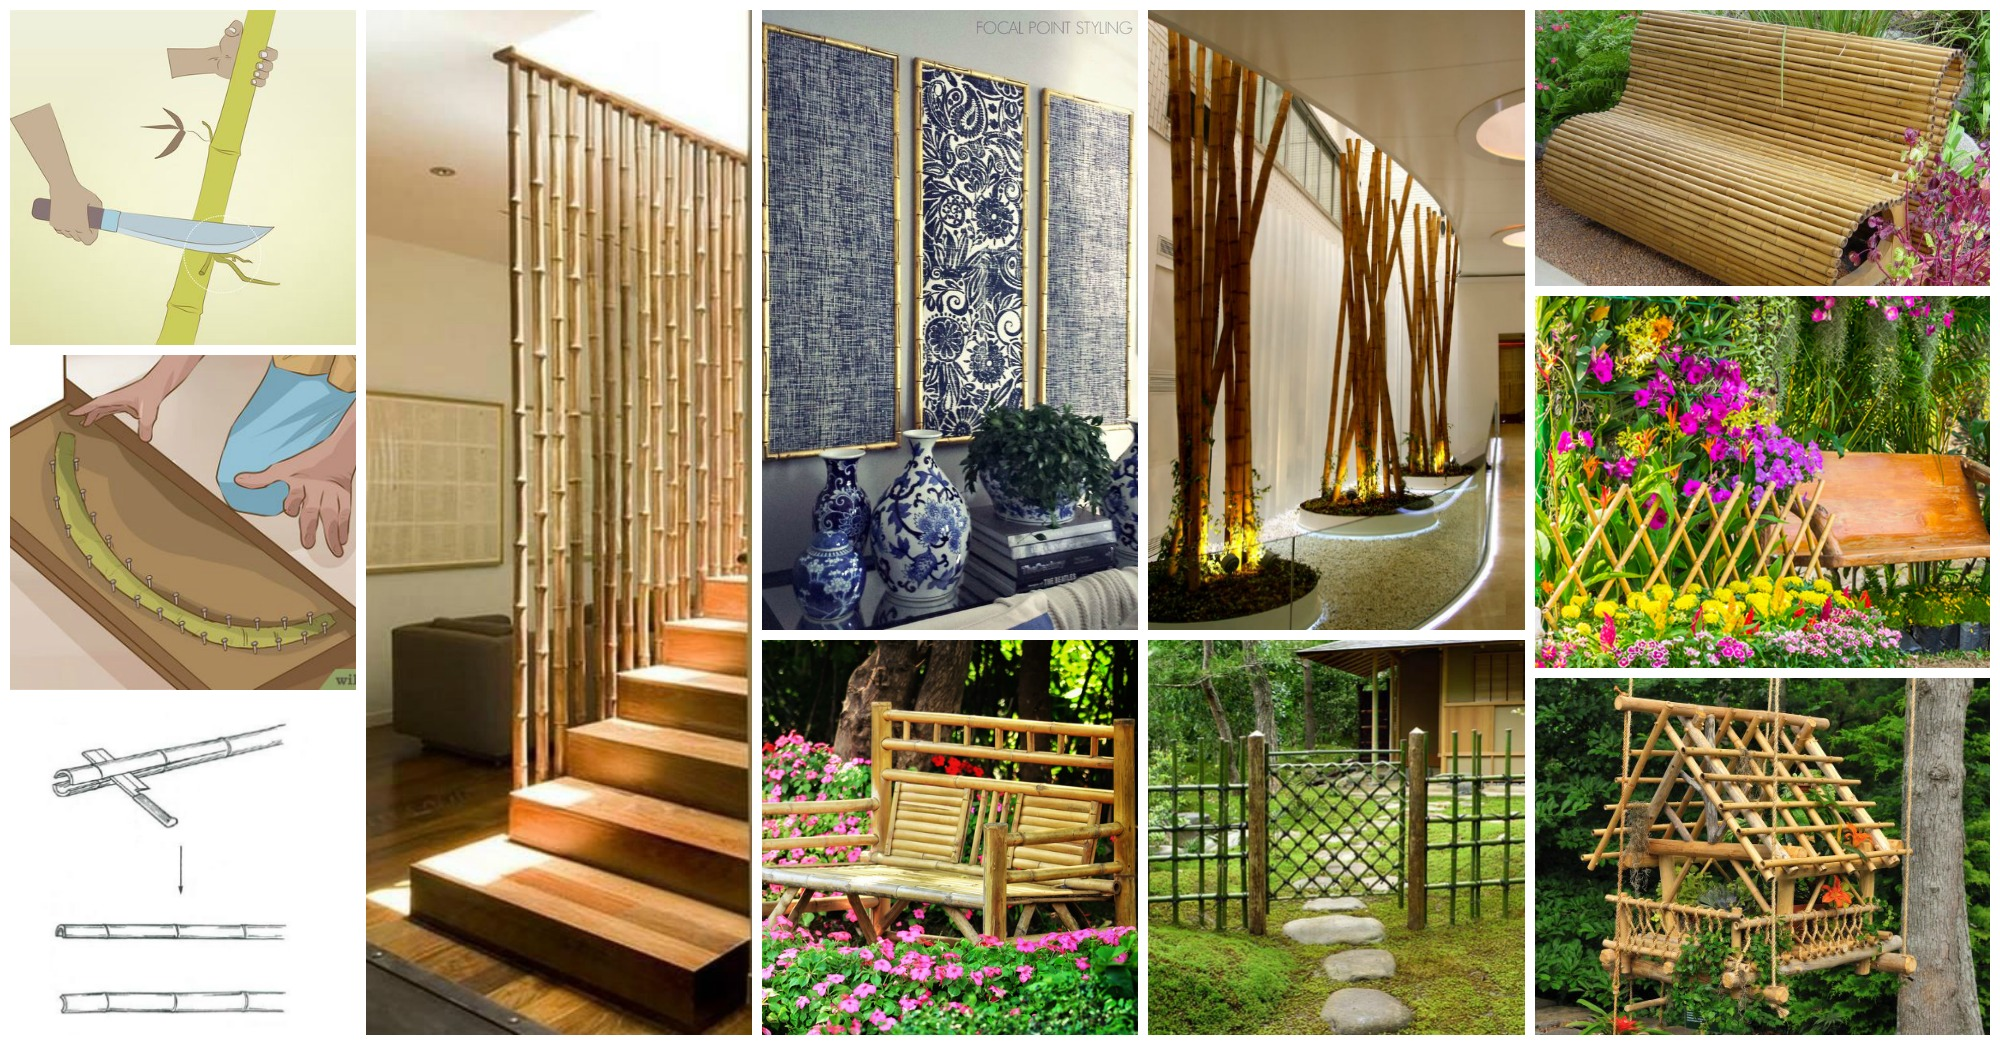 15 hermosas ideas para decorar con bamb - Bambu para decorar ...